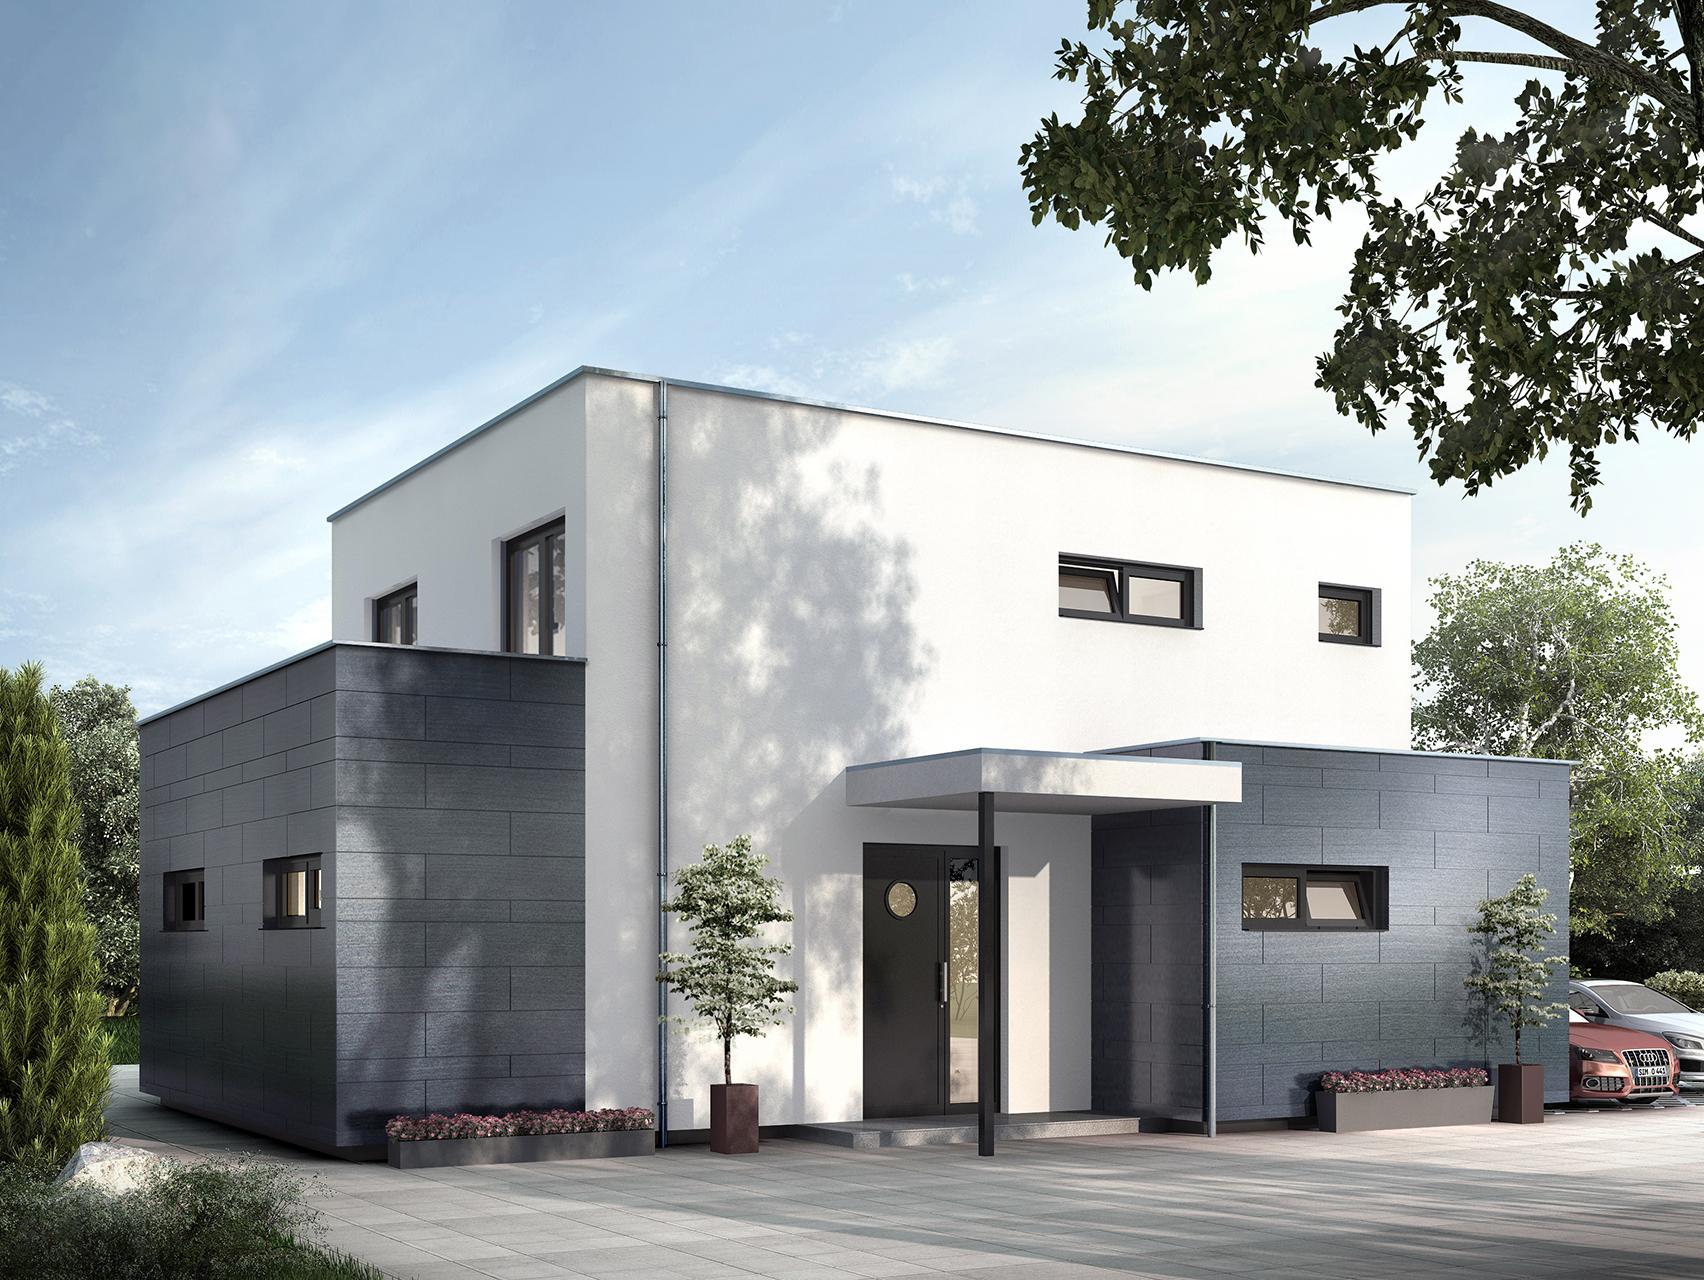 Fertighaus kubus cool haus kubus mit with fertighaus for Kubus haus bauen